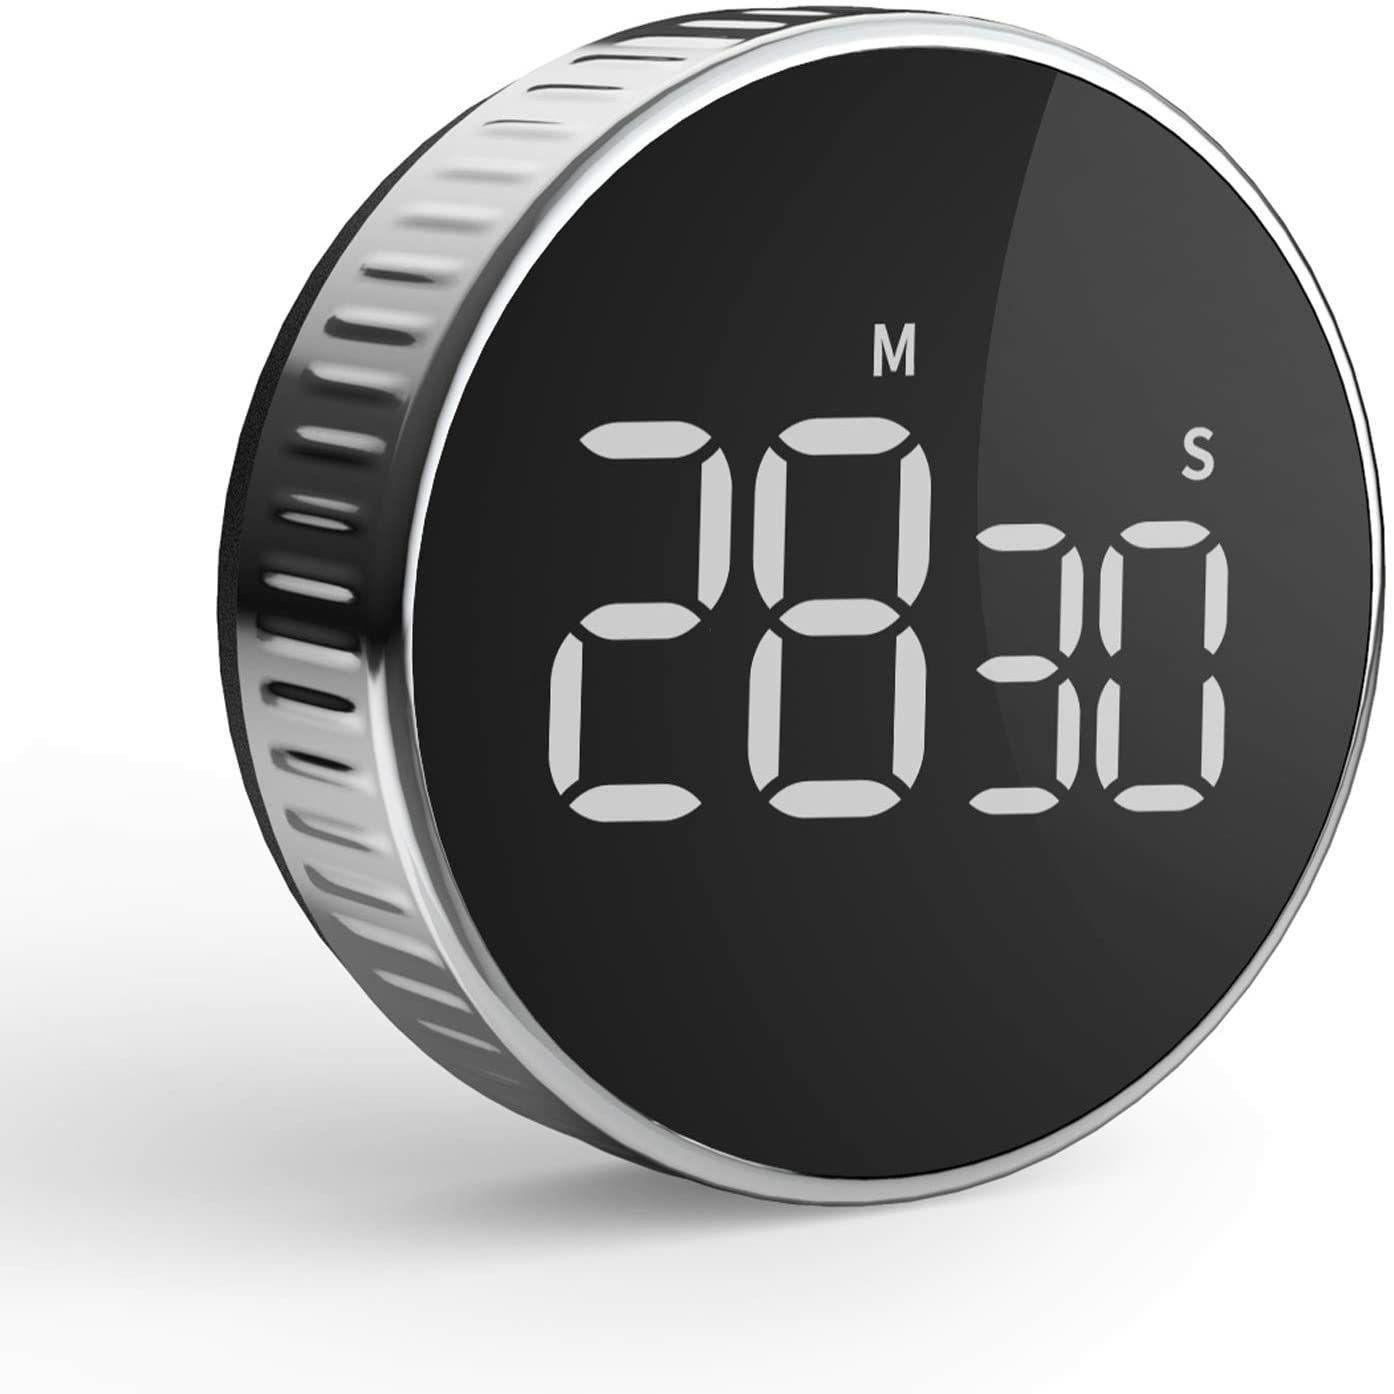 Compte minutes / Minuteur de Cuisine LCD aimanté Hommini (Vendeur tiers)